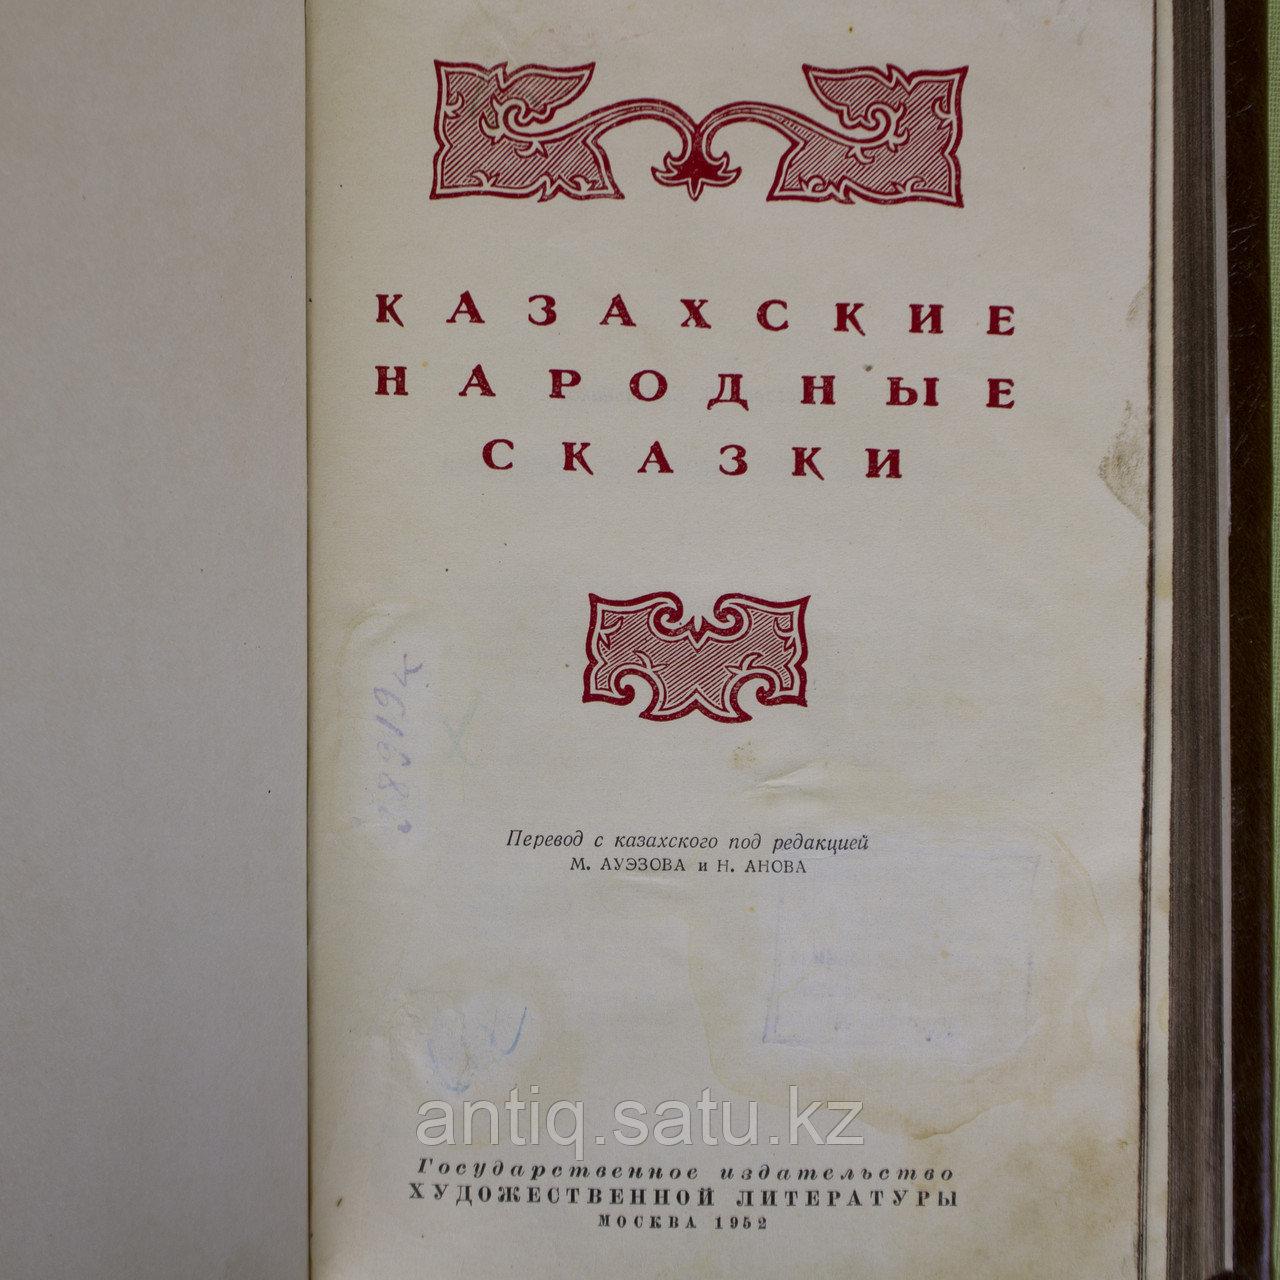 Казахские народные сказки. Перевод под редакцией М. Ауэзова и Н. Анова. Москва 1952 год - фото 3